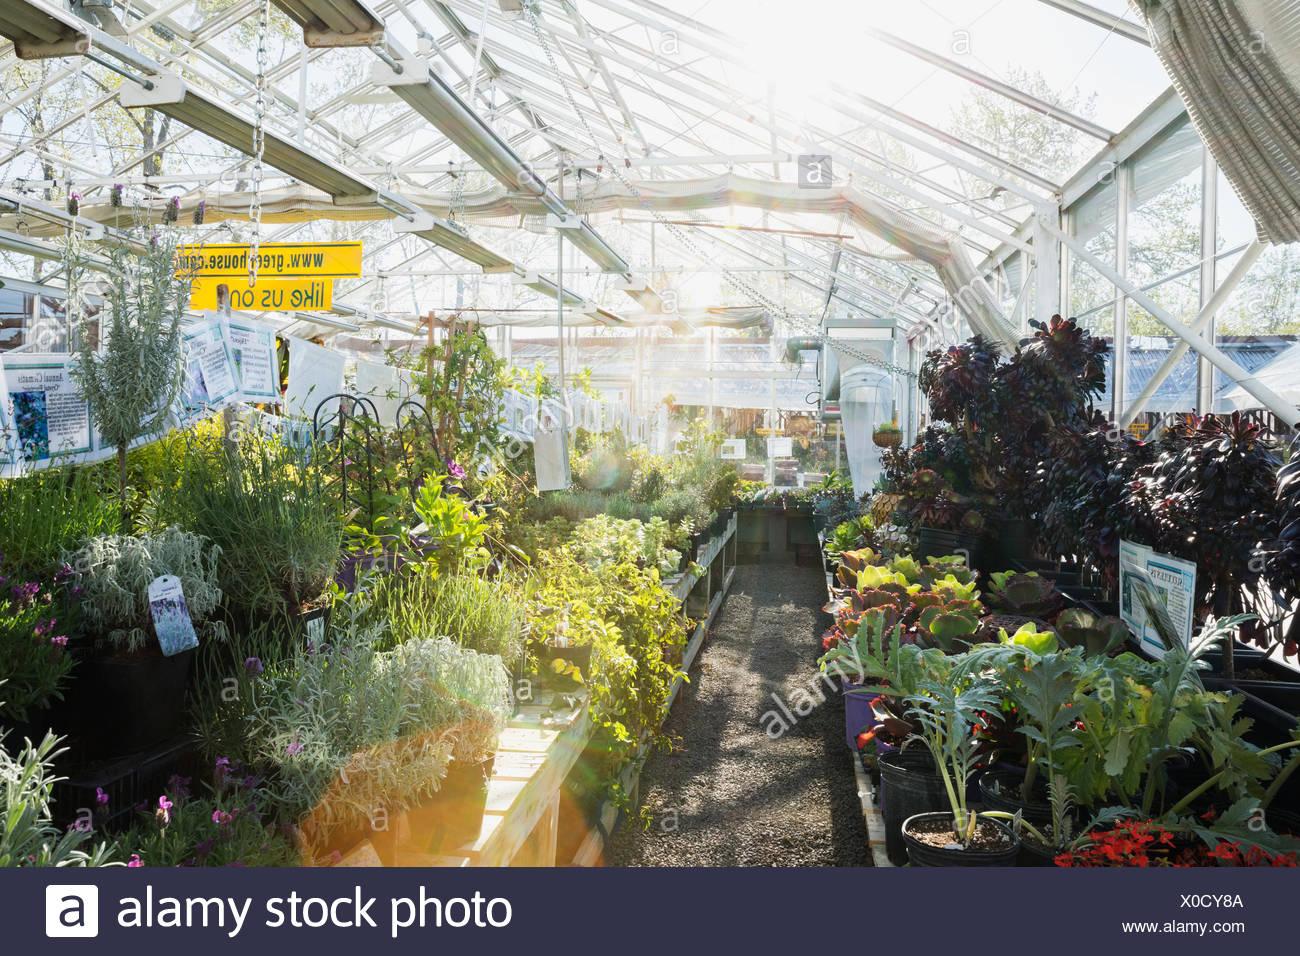 Las plantas y flores en invernadero soleado Imagen De Stock